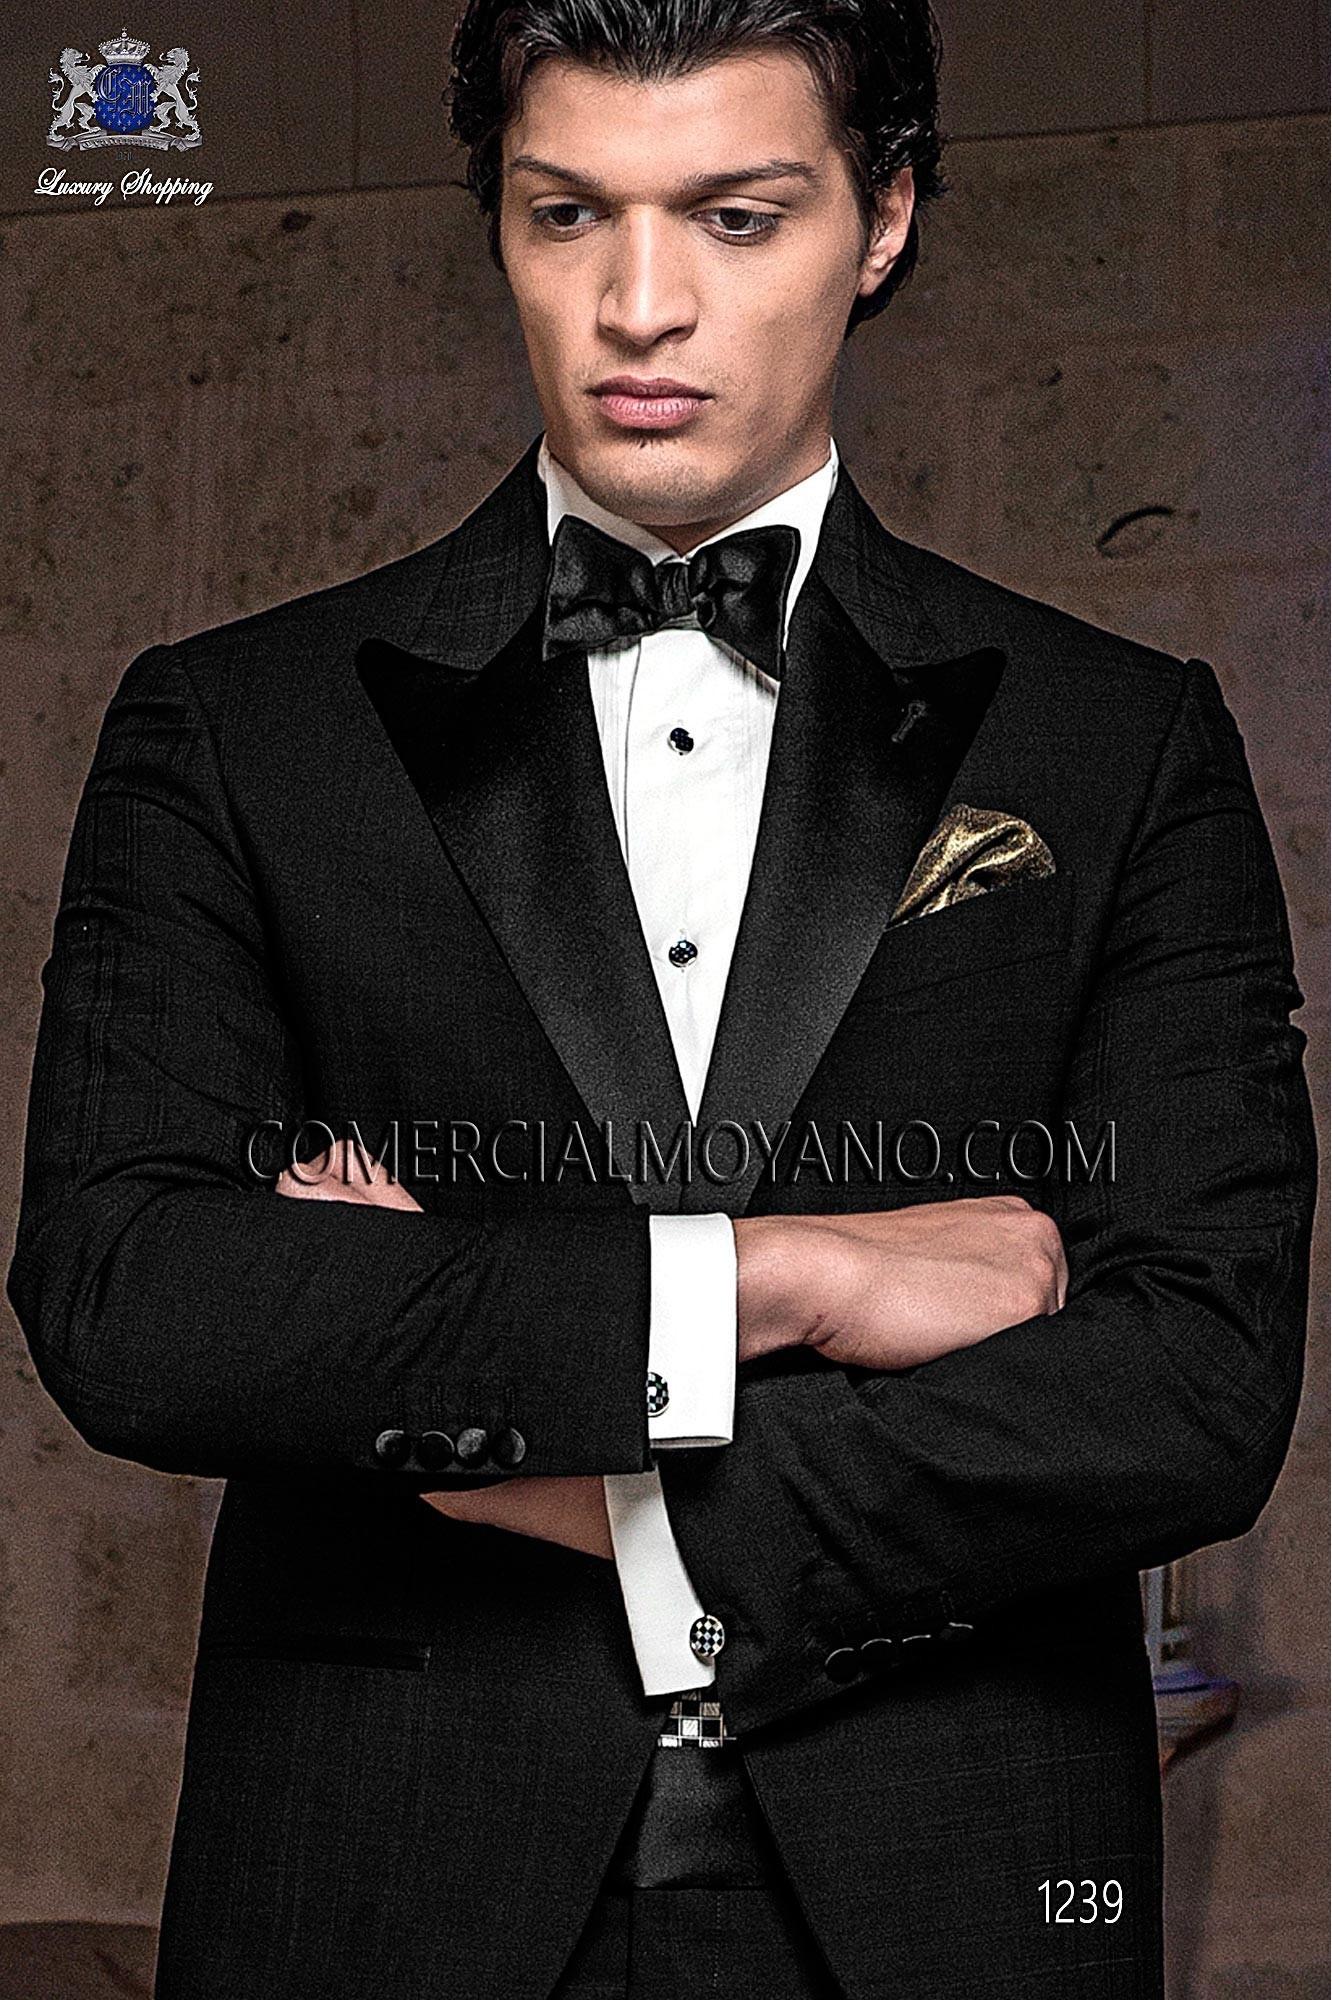 Italian blacktie Black men wedding suit, model: 1239 Ottavio Nuccio Gala 2017 Black Tie Collection